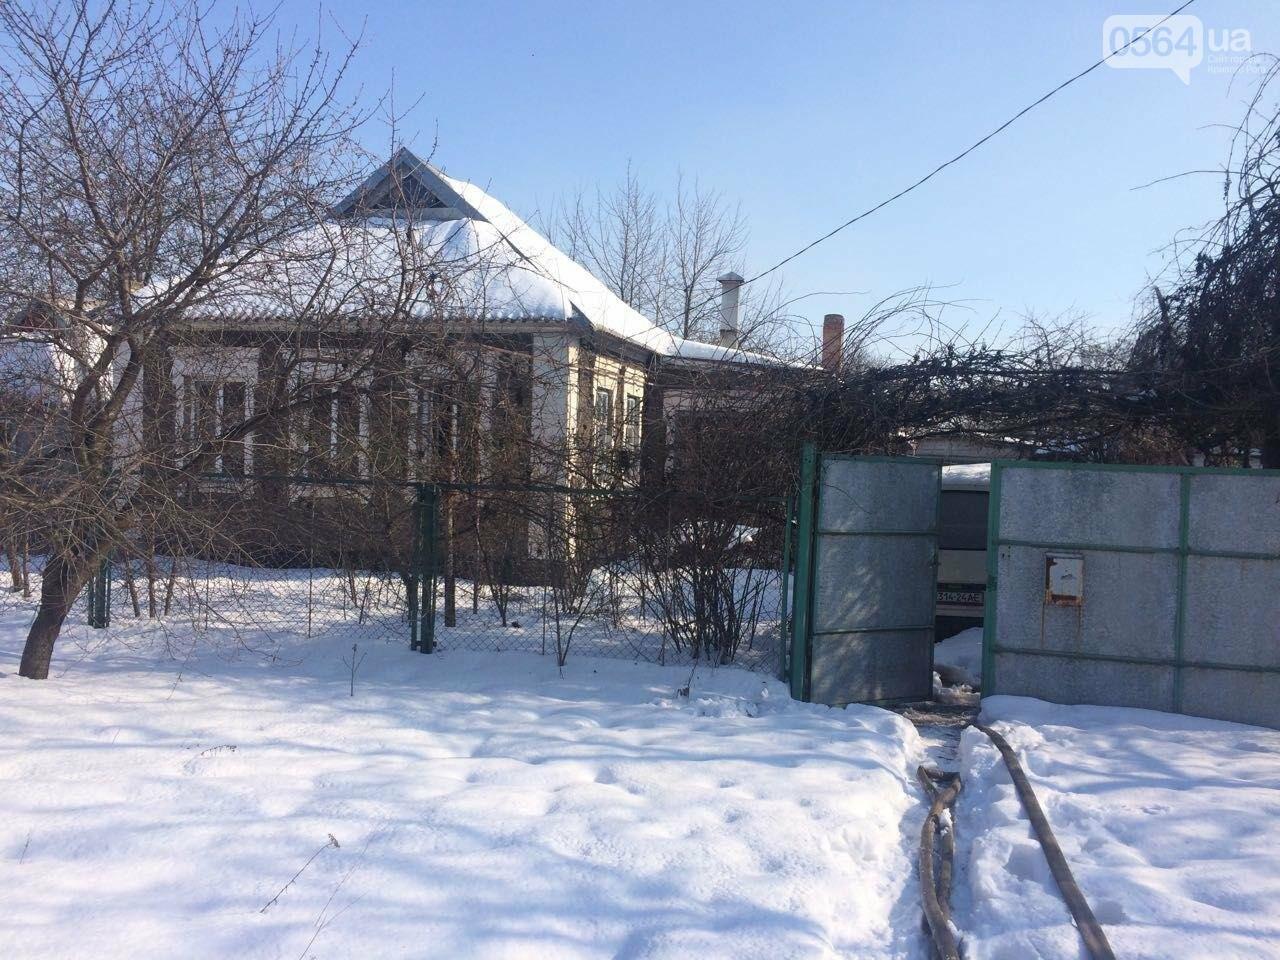 В Кривом Роге дедушка сгорел в собственном доме (ФОТО), фото-4